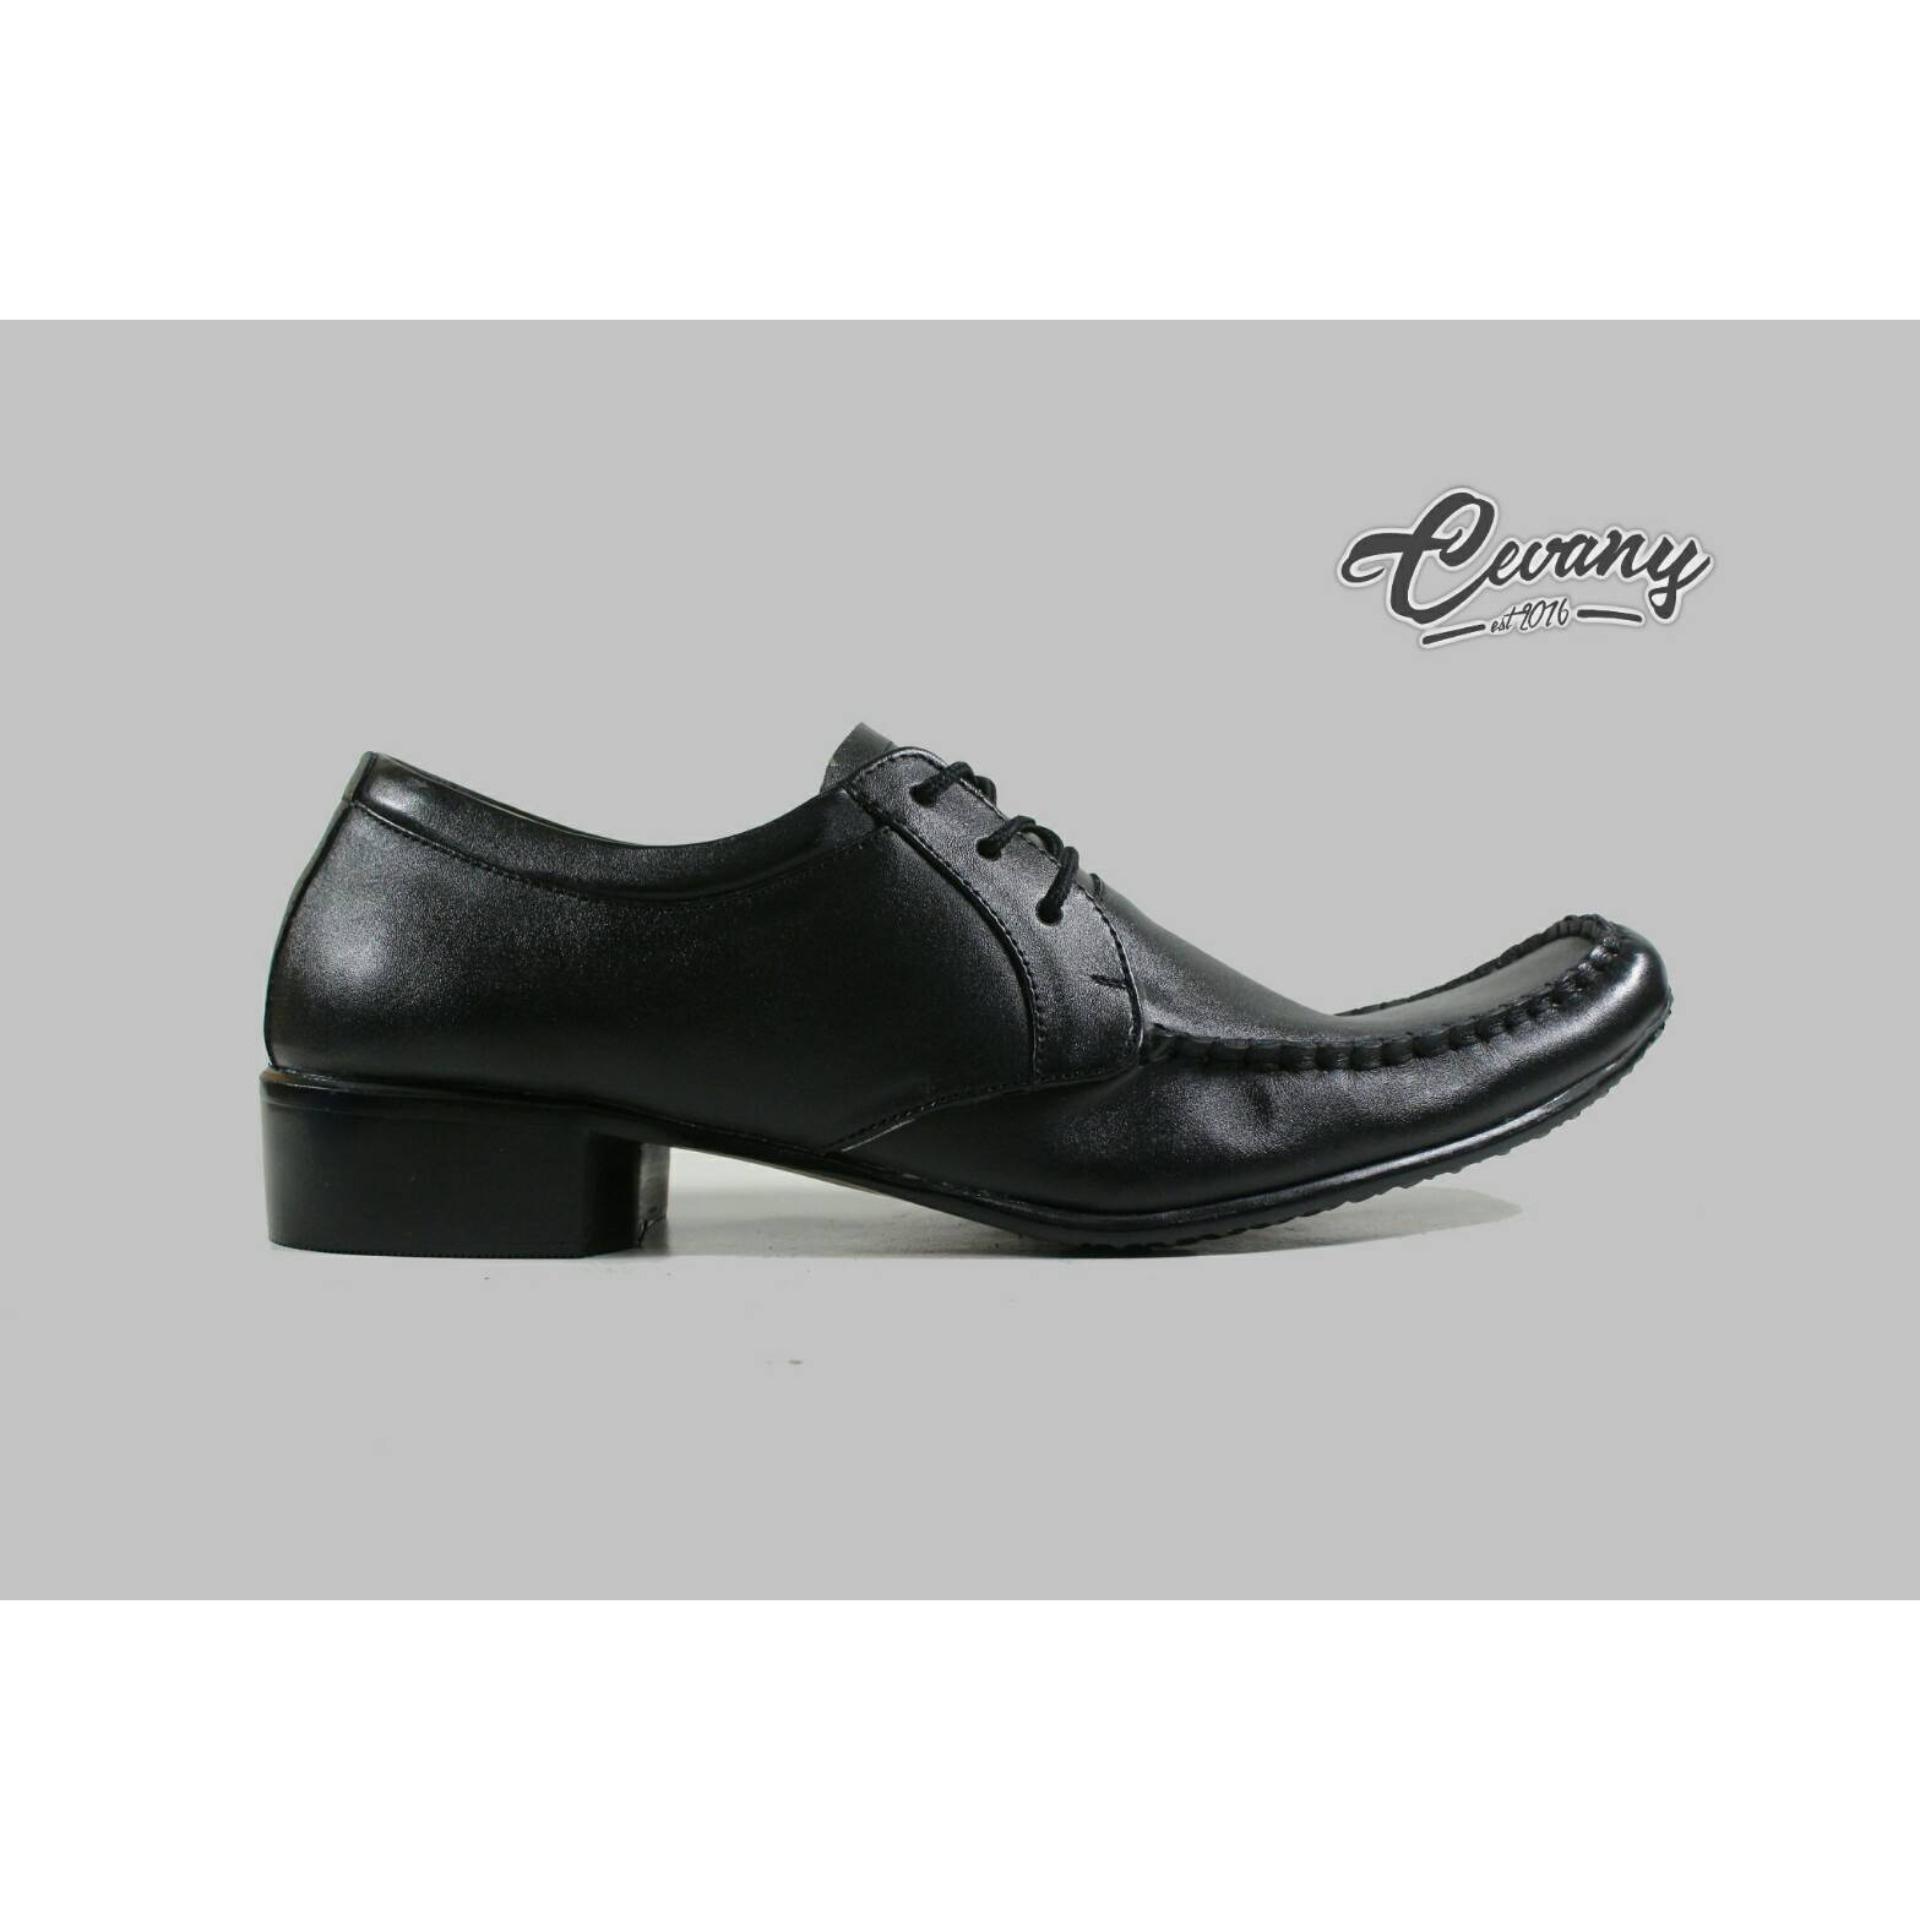 Rp 239.500 cevany footwear leather shoes man casual formal busines elegan vintage sepatu pantofel kulit asli ...